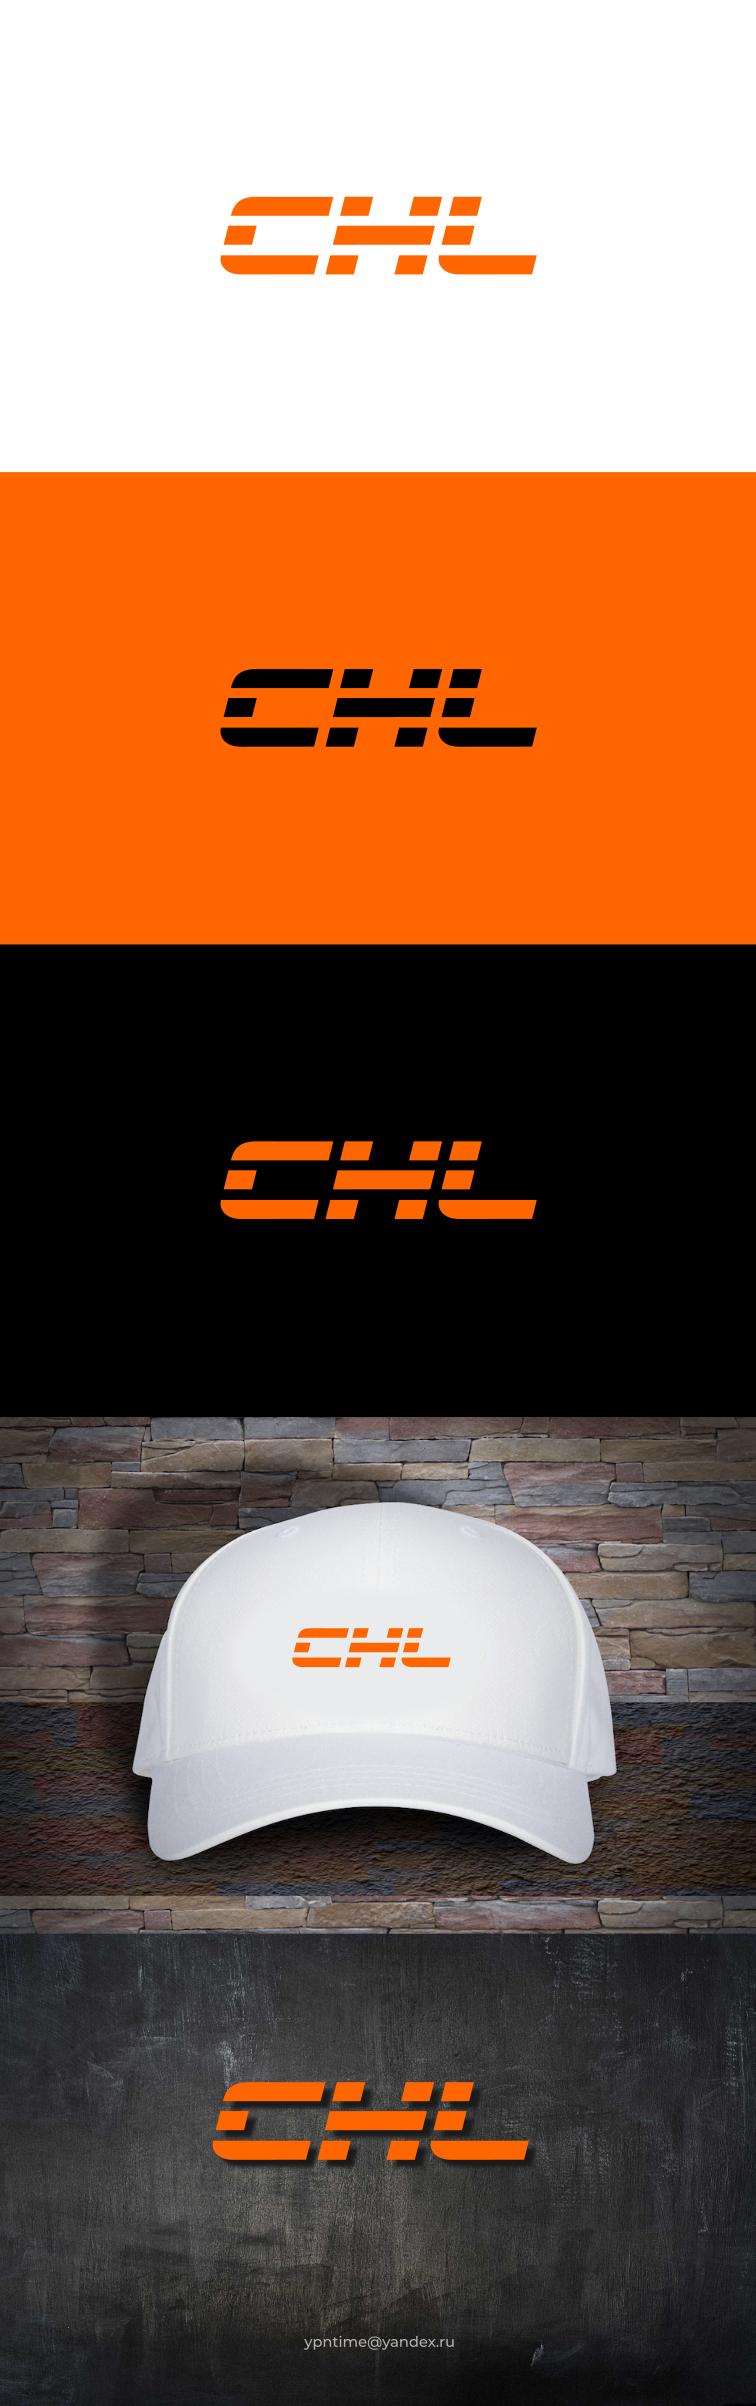 разработка логотипа для производителя фар фото f_5795f5ce6d728735.png